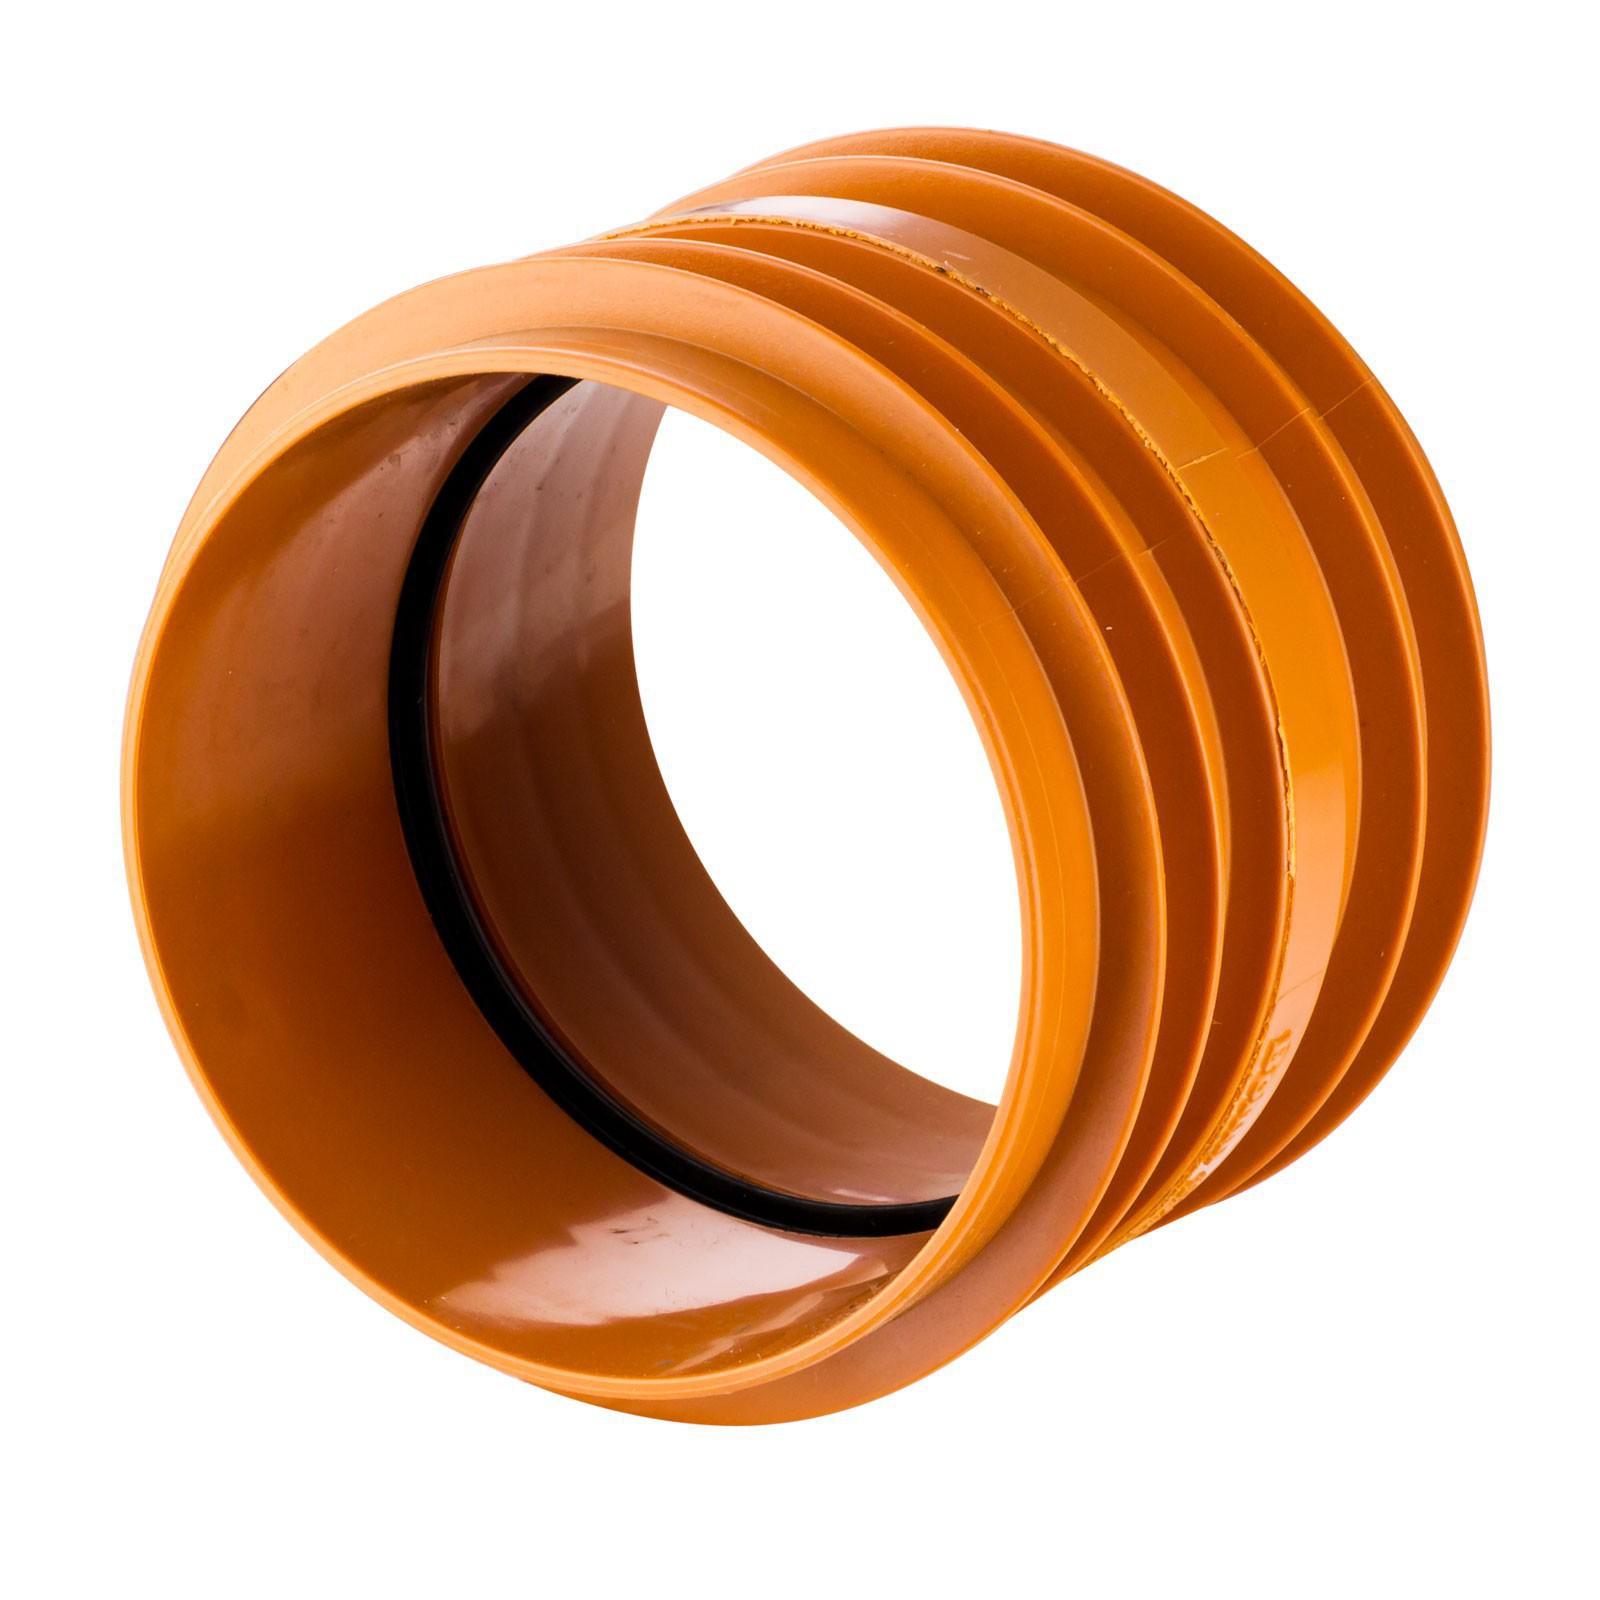 kg schachtfutter dn 200 x 110 mm pvc rohr schacht durchf hrung. Black Bedroom Furniture Sets. Home Design Ideas